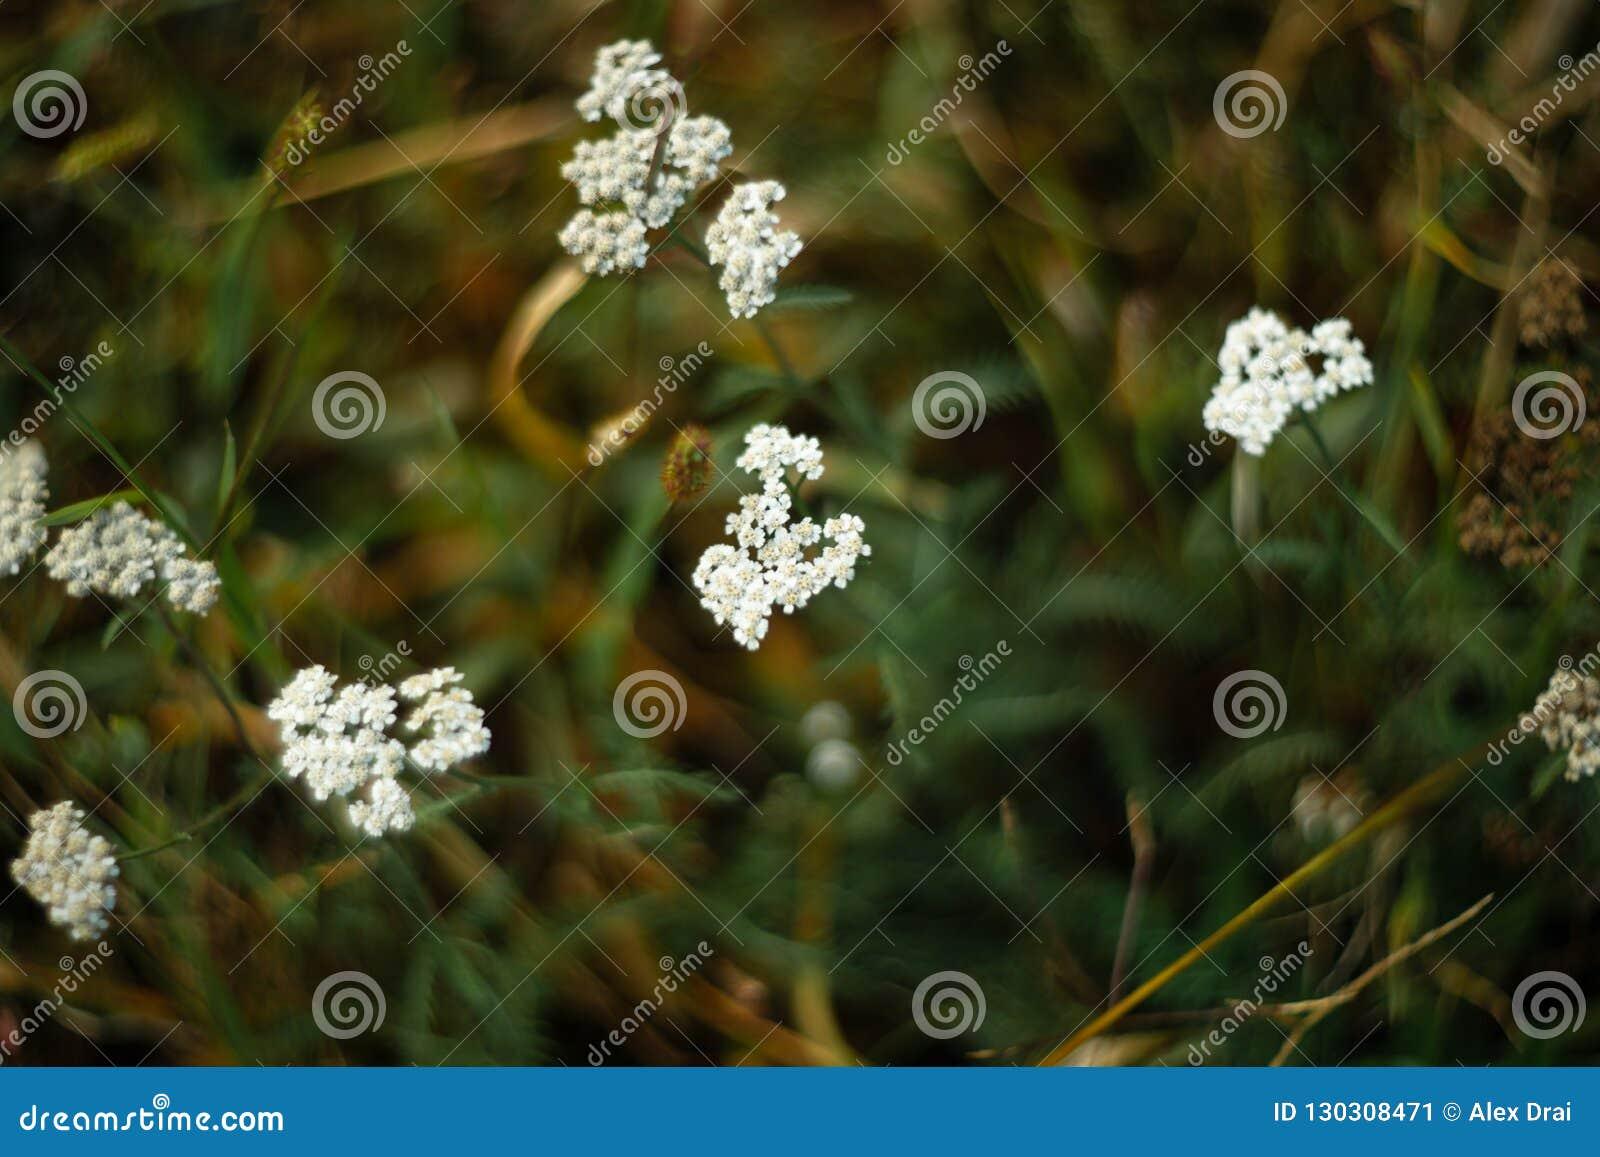 Yarrow closeup view. Healing plant